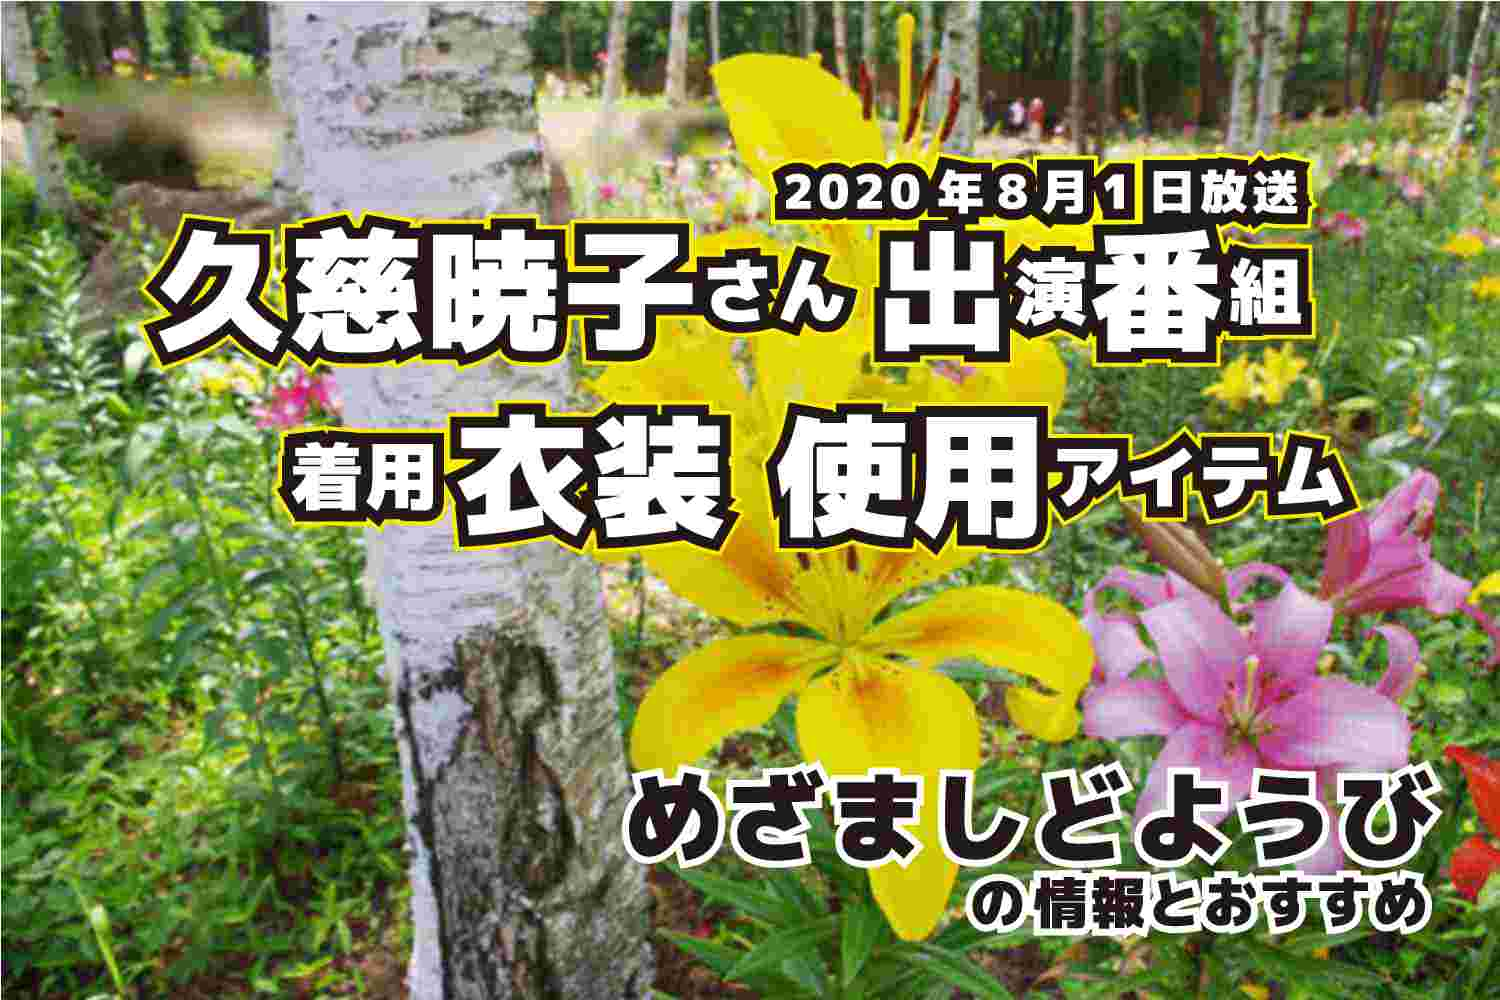 めざましどようび 久慈暁子さん 衣装 2020年8月1日放送